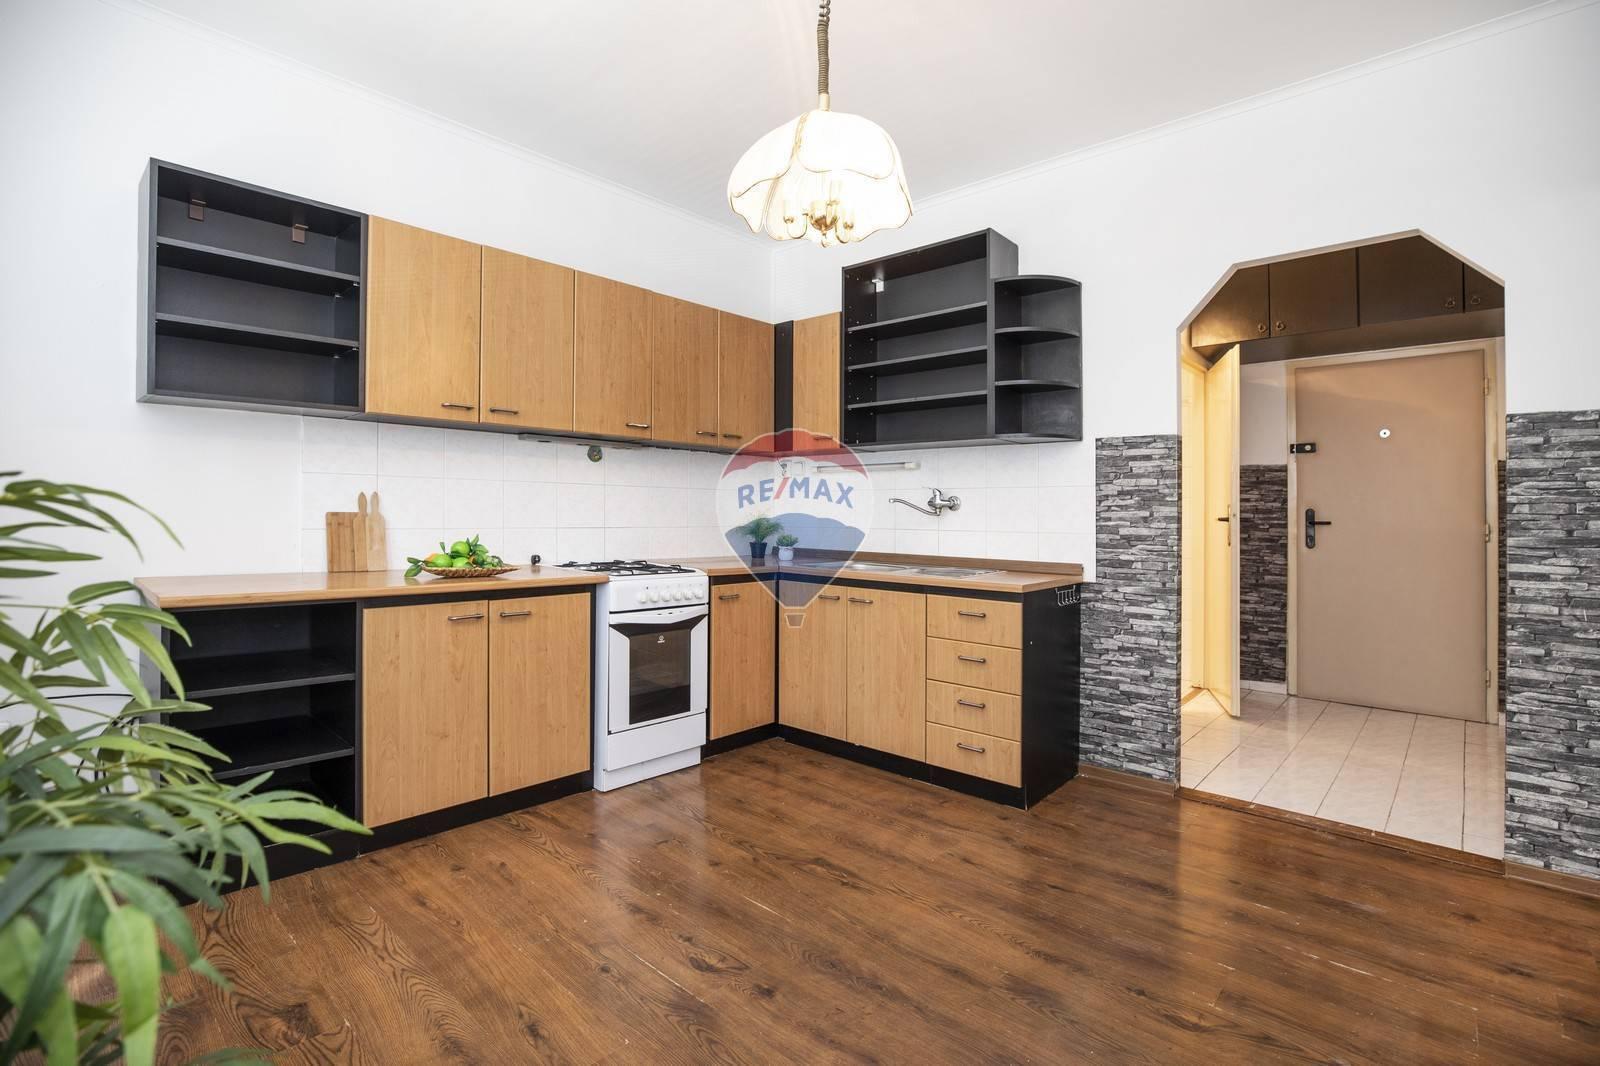 Predaj prietranného 1-izbového bytu v Zlatých Klasoch